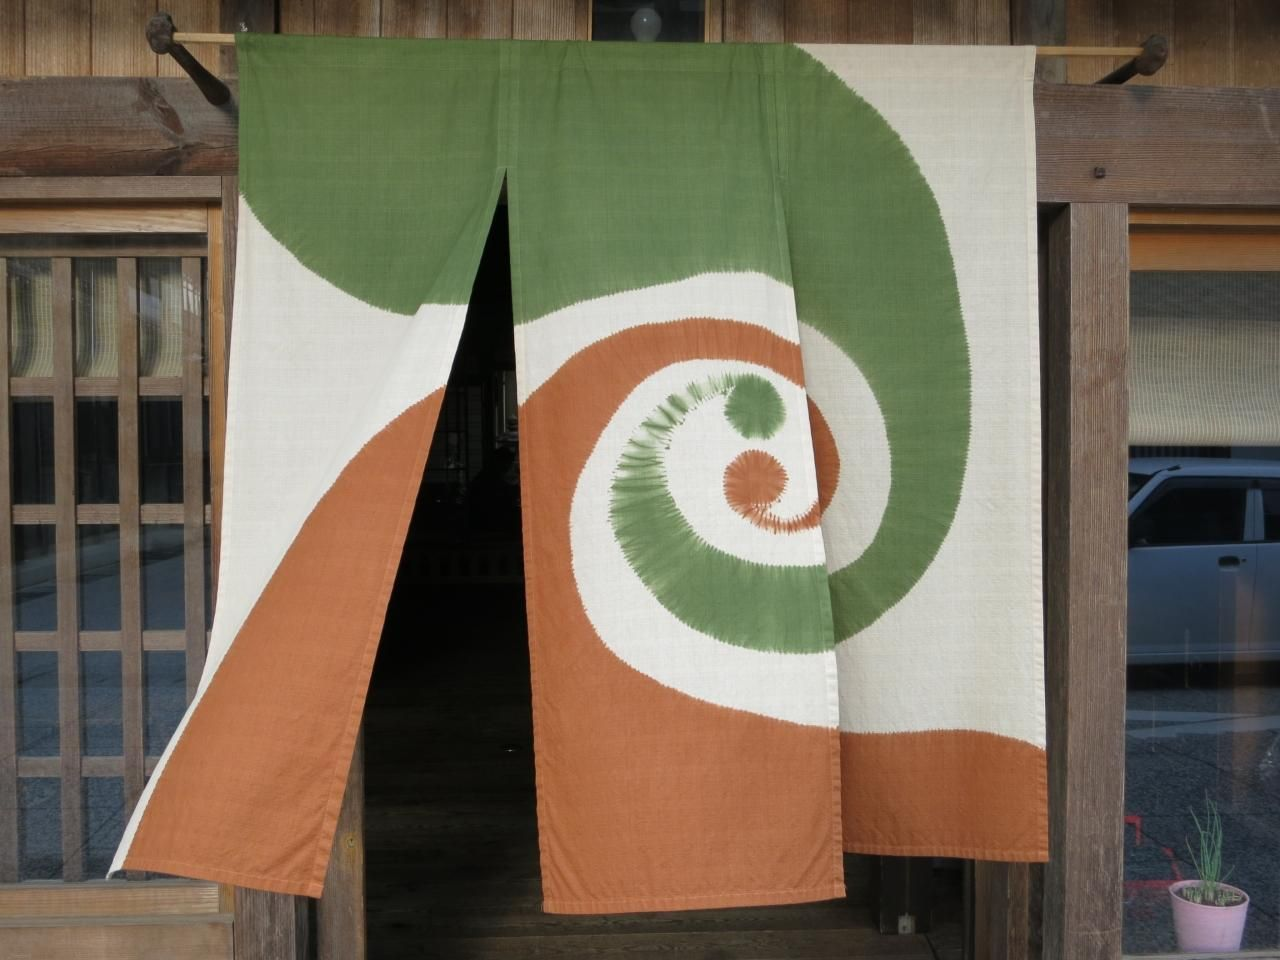 子どもと一緒に行く 暖簾の掛かる城下町 勝山 美作のむかし町をある